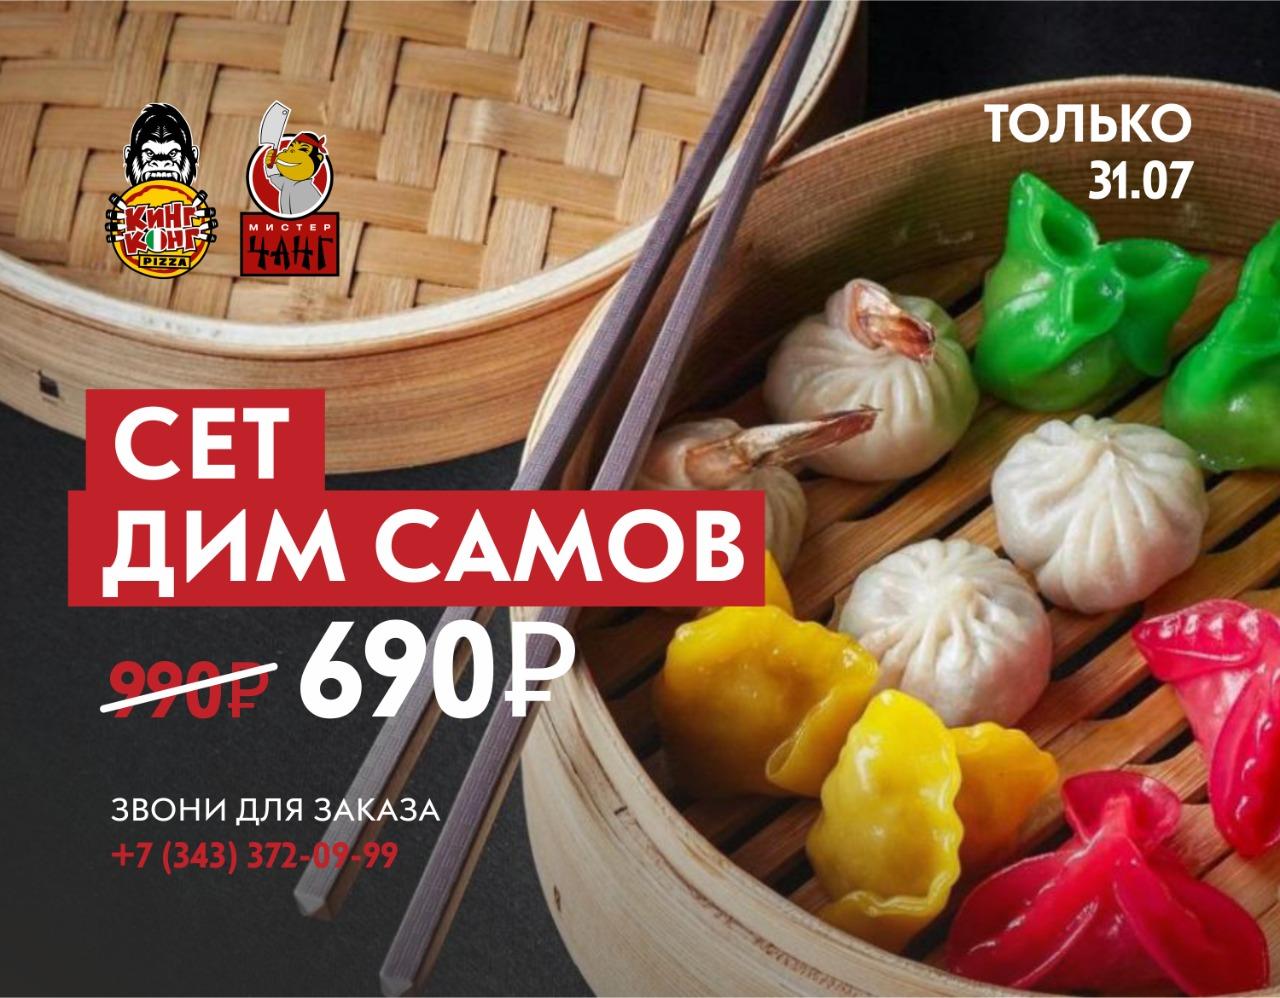 Сет Дим Самов за 690р